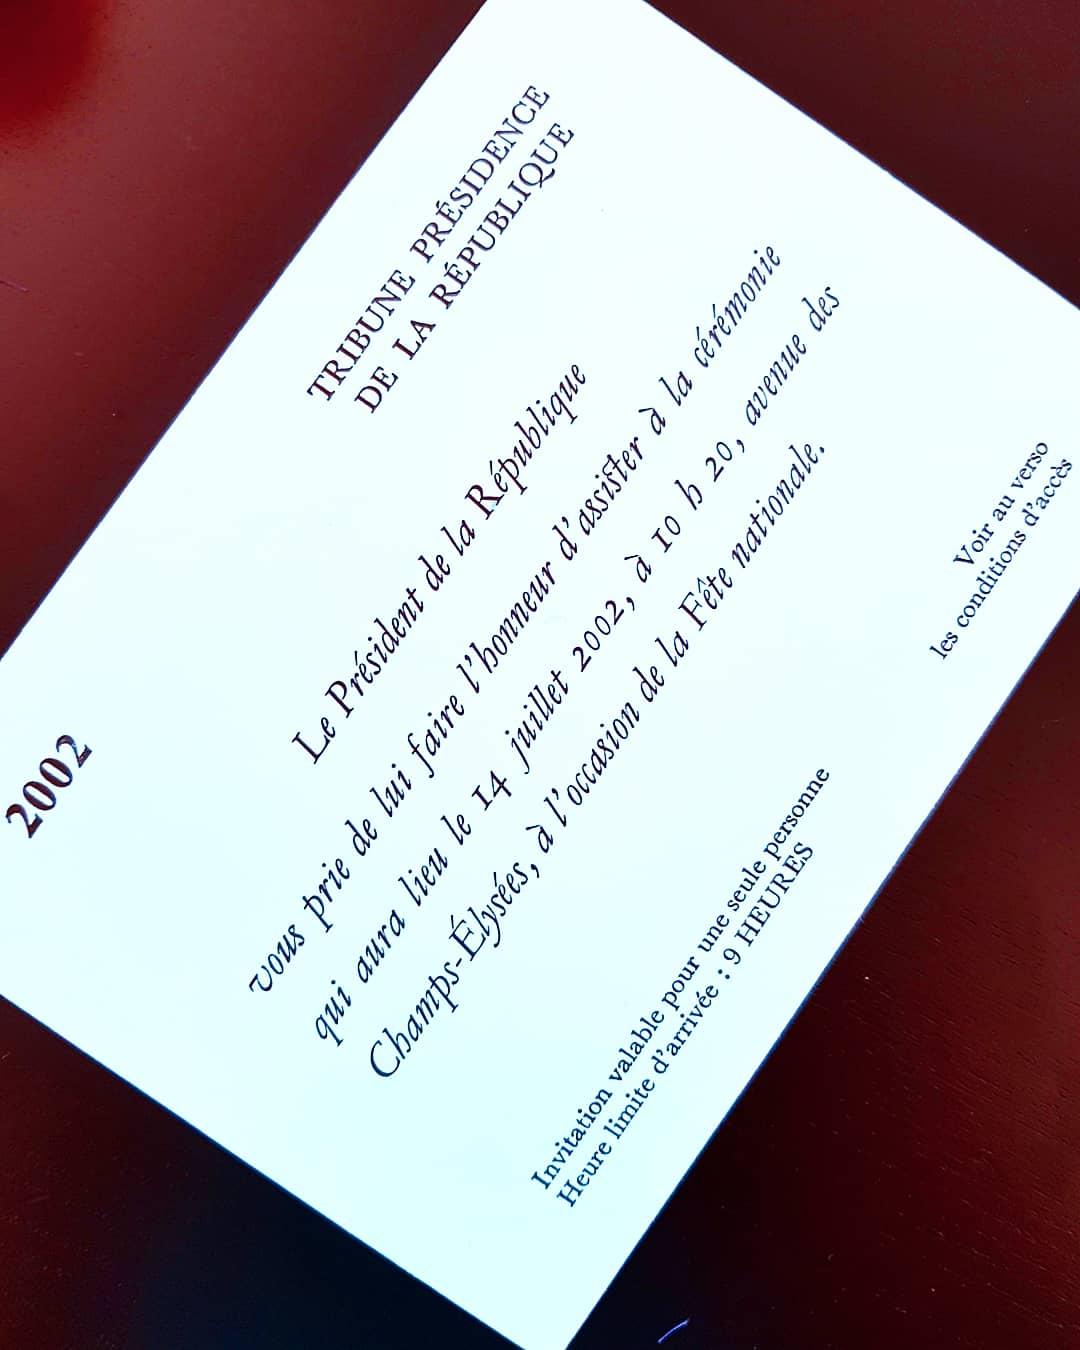 invitation - 14 juillet - elysee